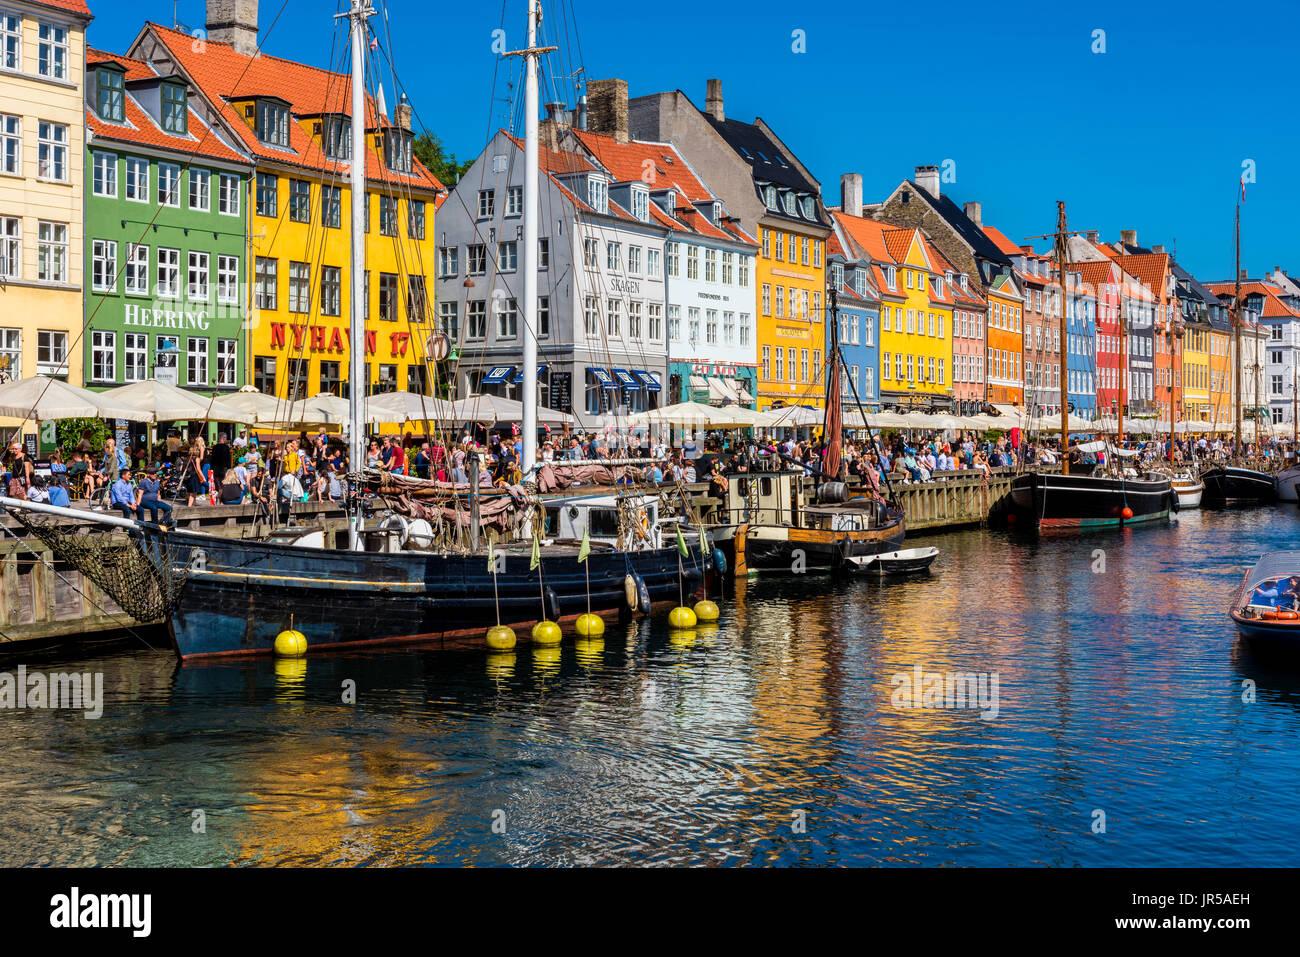 Porto di Nyhavn e la passeggiata lungomare di Copenhagen, Danimarca. Nyhavn è il simbolo più famoso di Copenhagen. Immagini Stock